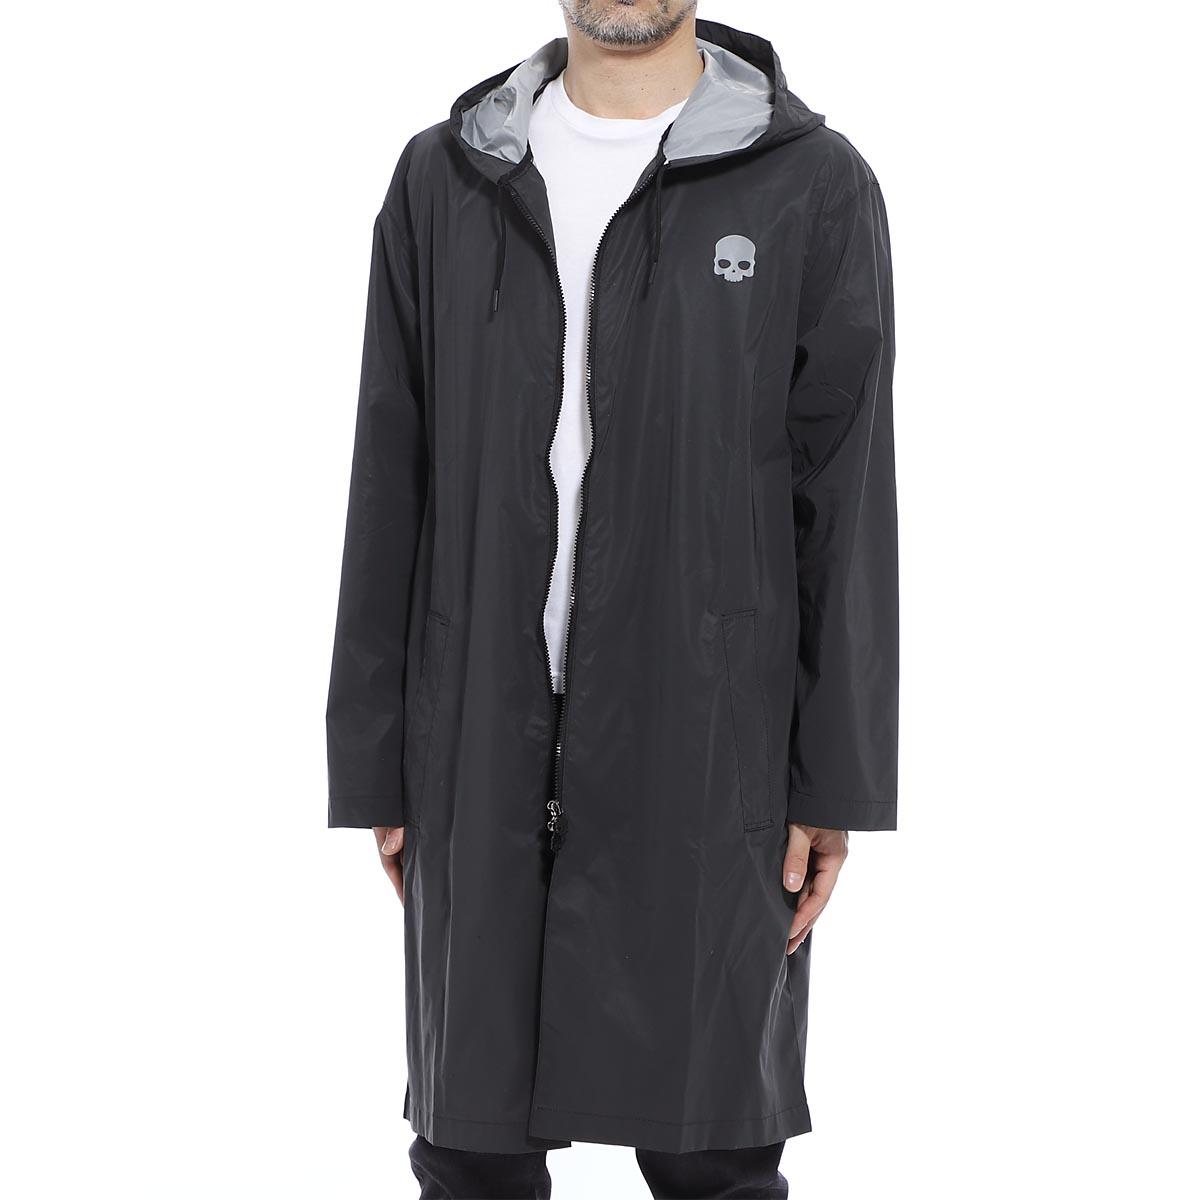 ハイドロゲン HYDROGEN レインコート ブラック メンズ 265706 007 H-LAB RAIN COAT【あす楽対応_関東】【返品送料無料】【ラッピング無料】